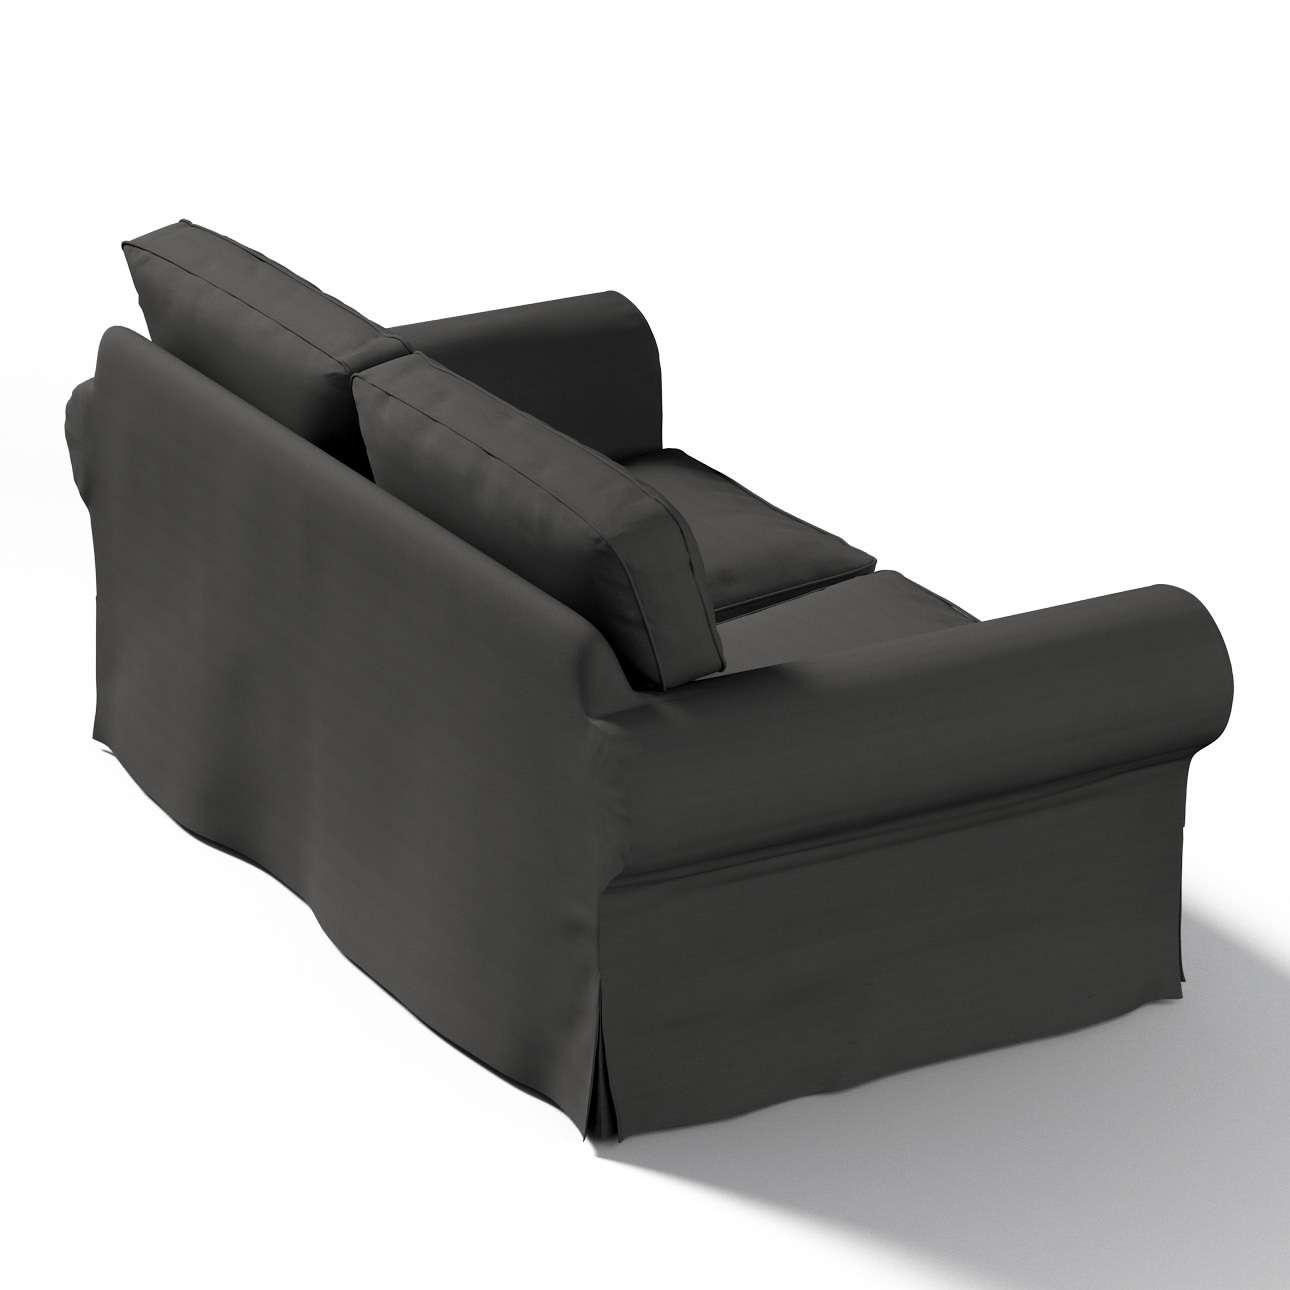 Pokrowiec na sofę Ektorp 2-osobową, rozkładaną, model do 2012 w kolekcji Cotton Panama, tkanina: 702-08